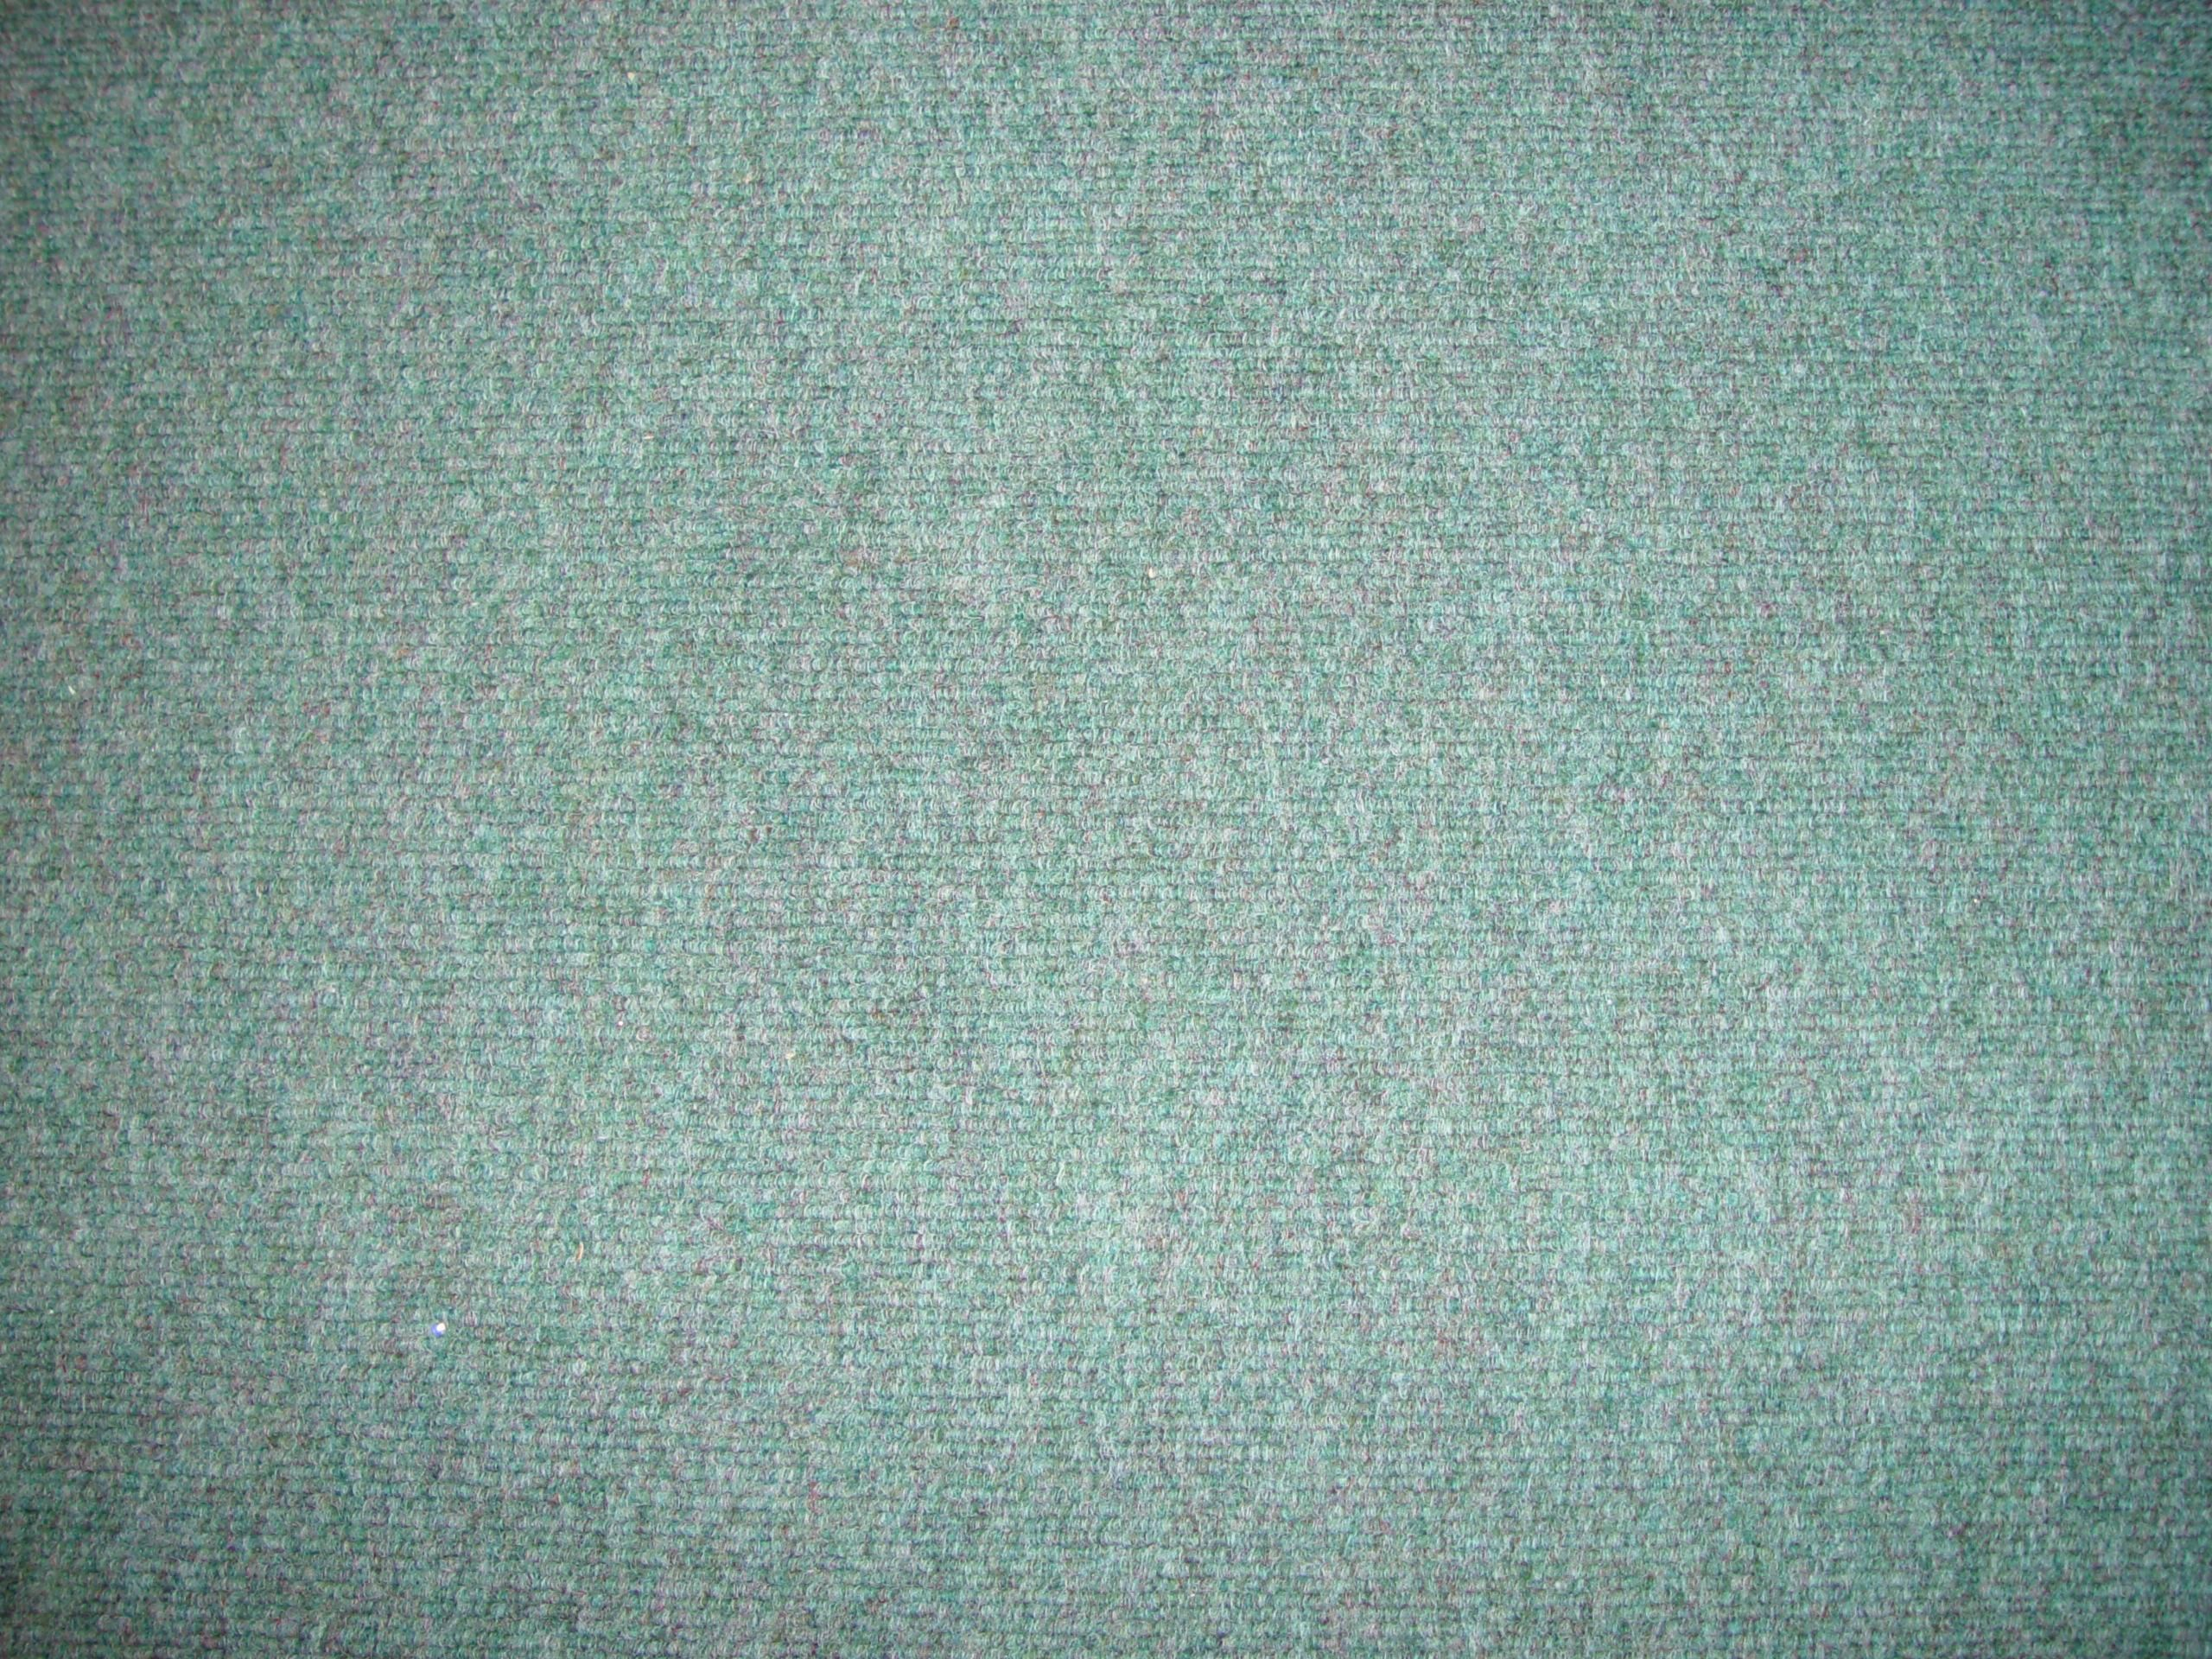 Carpet Texture Free - Carpet Vidalondon